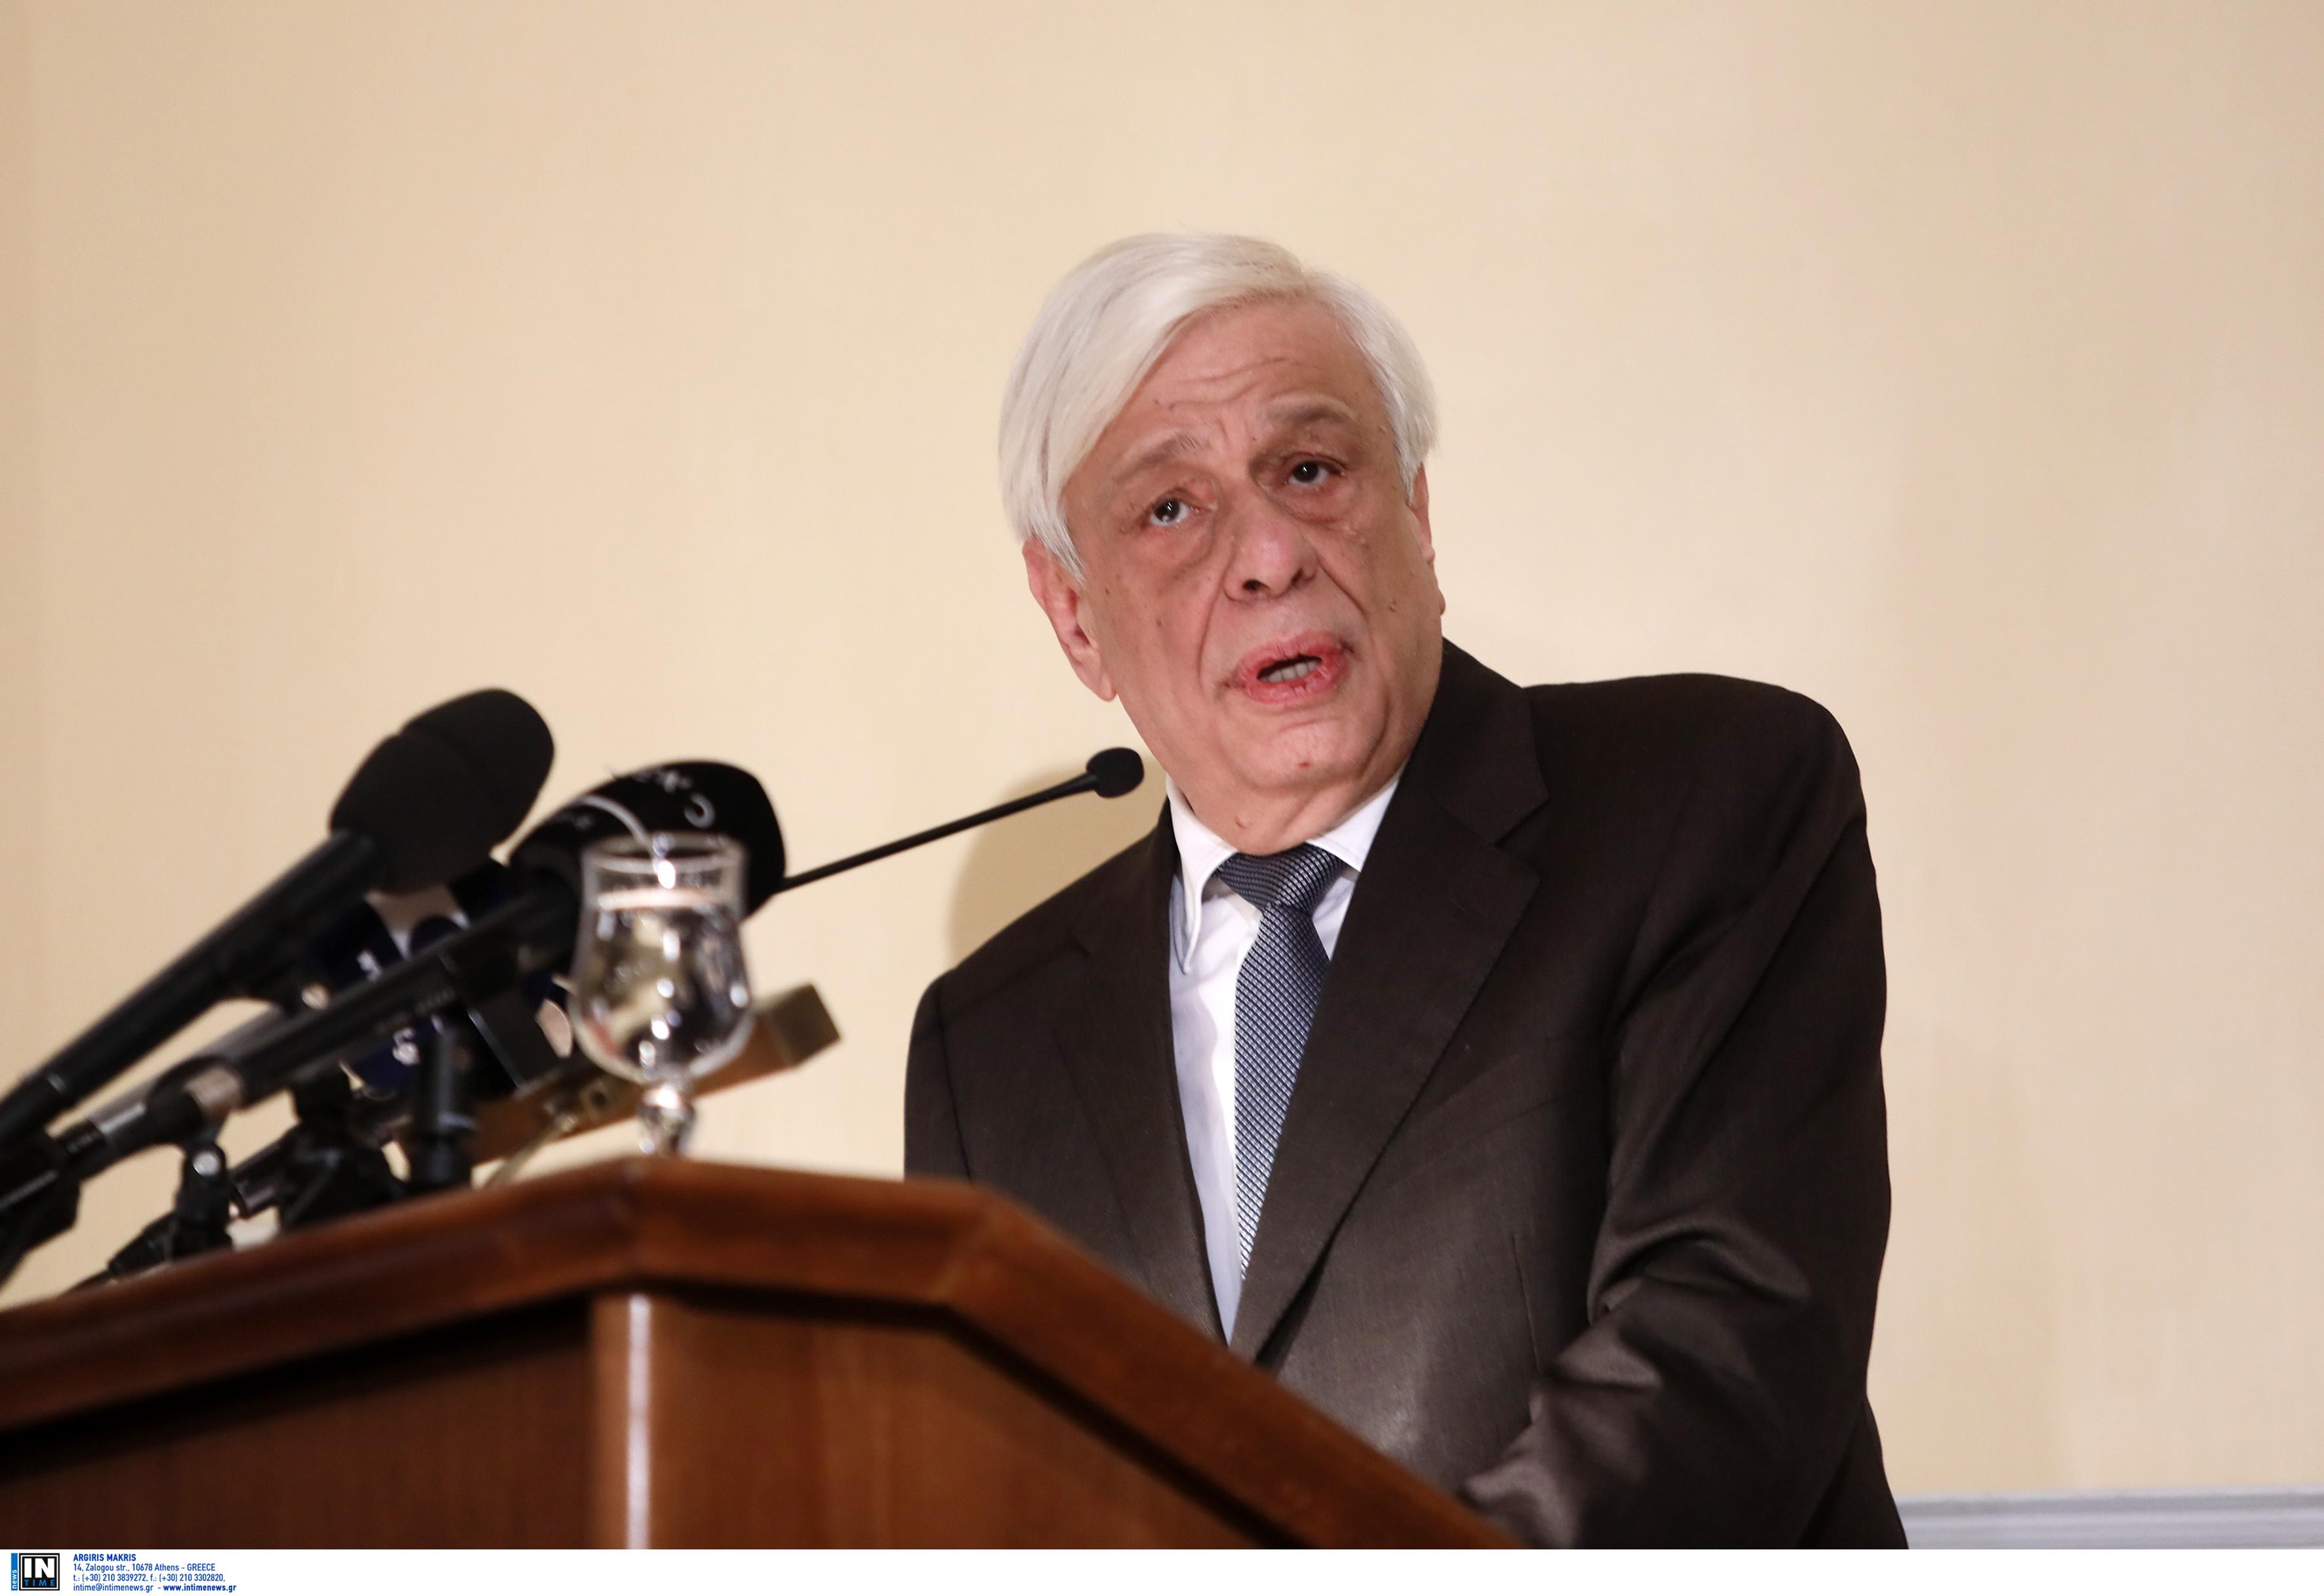 Παυλόπουλος: Να υπερασπισθούμε το Διεθνές Δίκαιο που αμφισβητείται ή βάλλεται